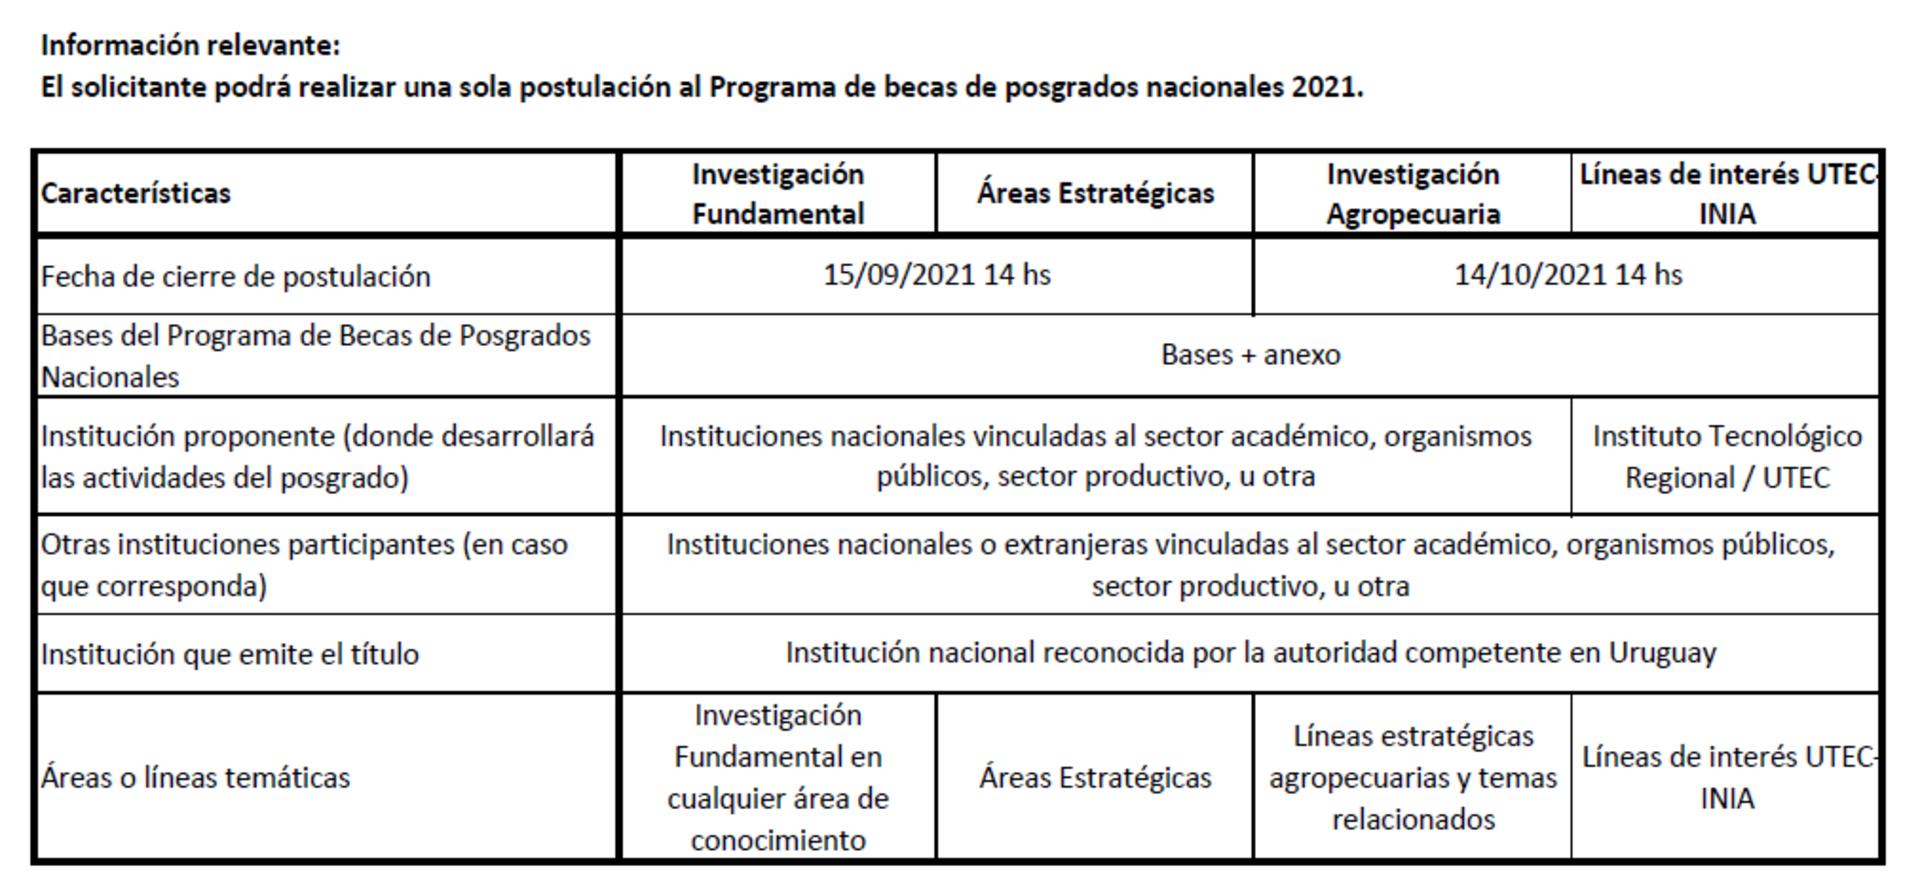 PREGUNTAS FRECUENTES DEL PROGRAMA DE BECAS DE POSGRADOS NACIONALES 2021